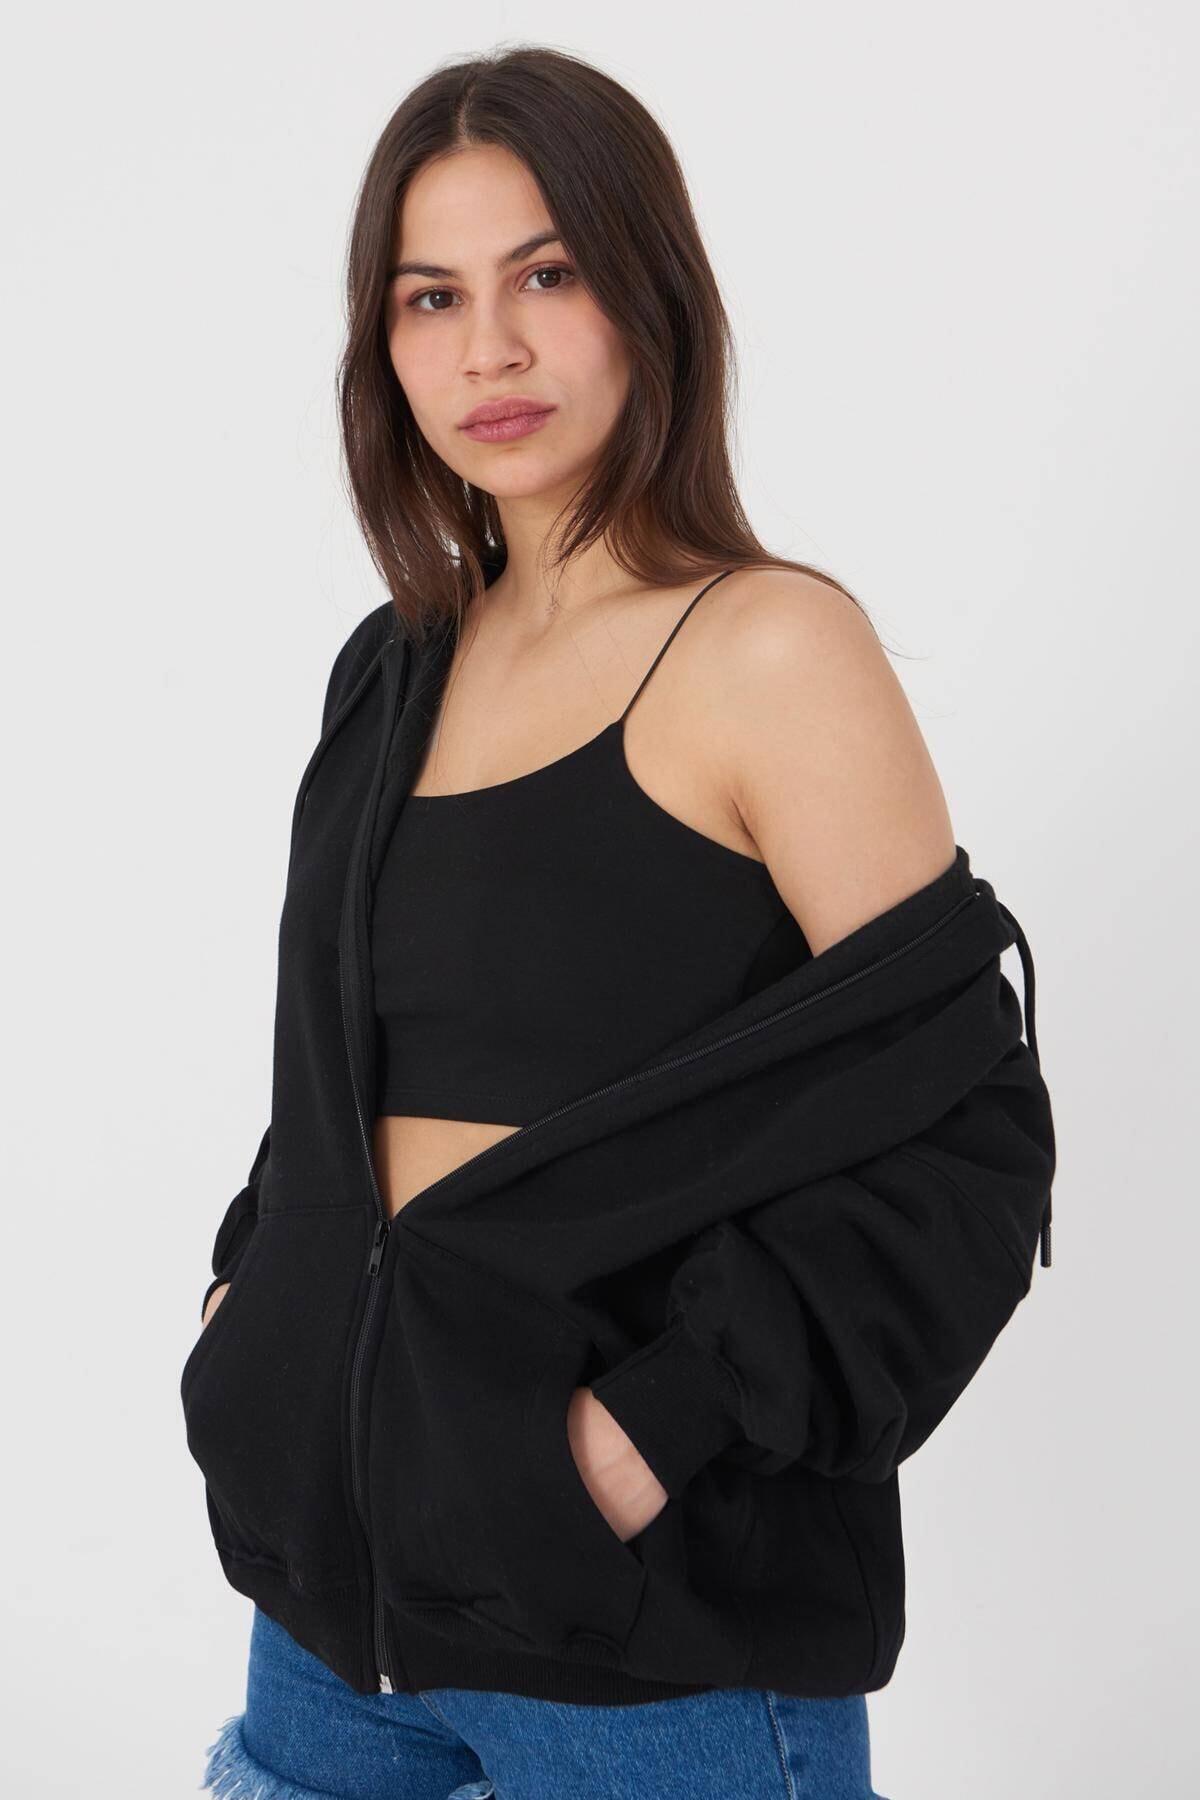 Addax Kadın Siyah Kapüşonlu Uzun Hırka H0725 - W6 - W7 ADX-0000020316 2